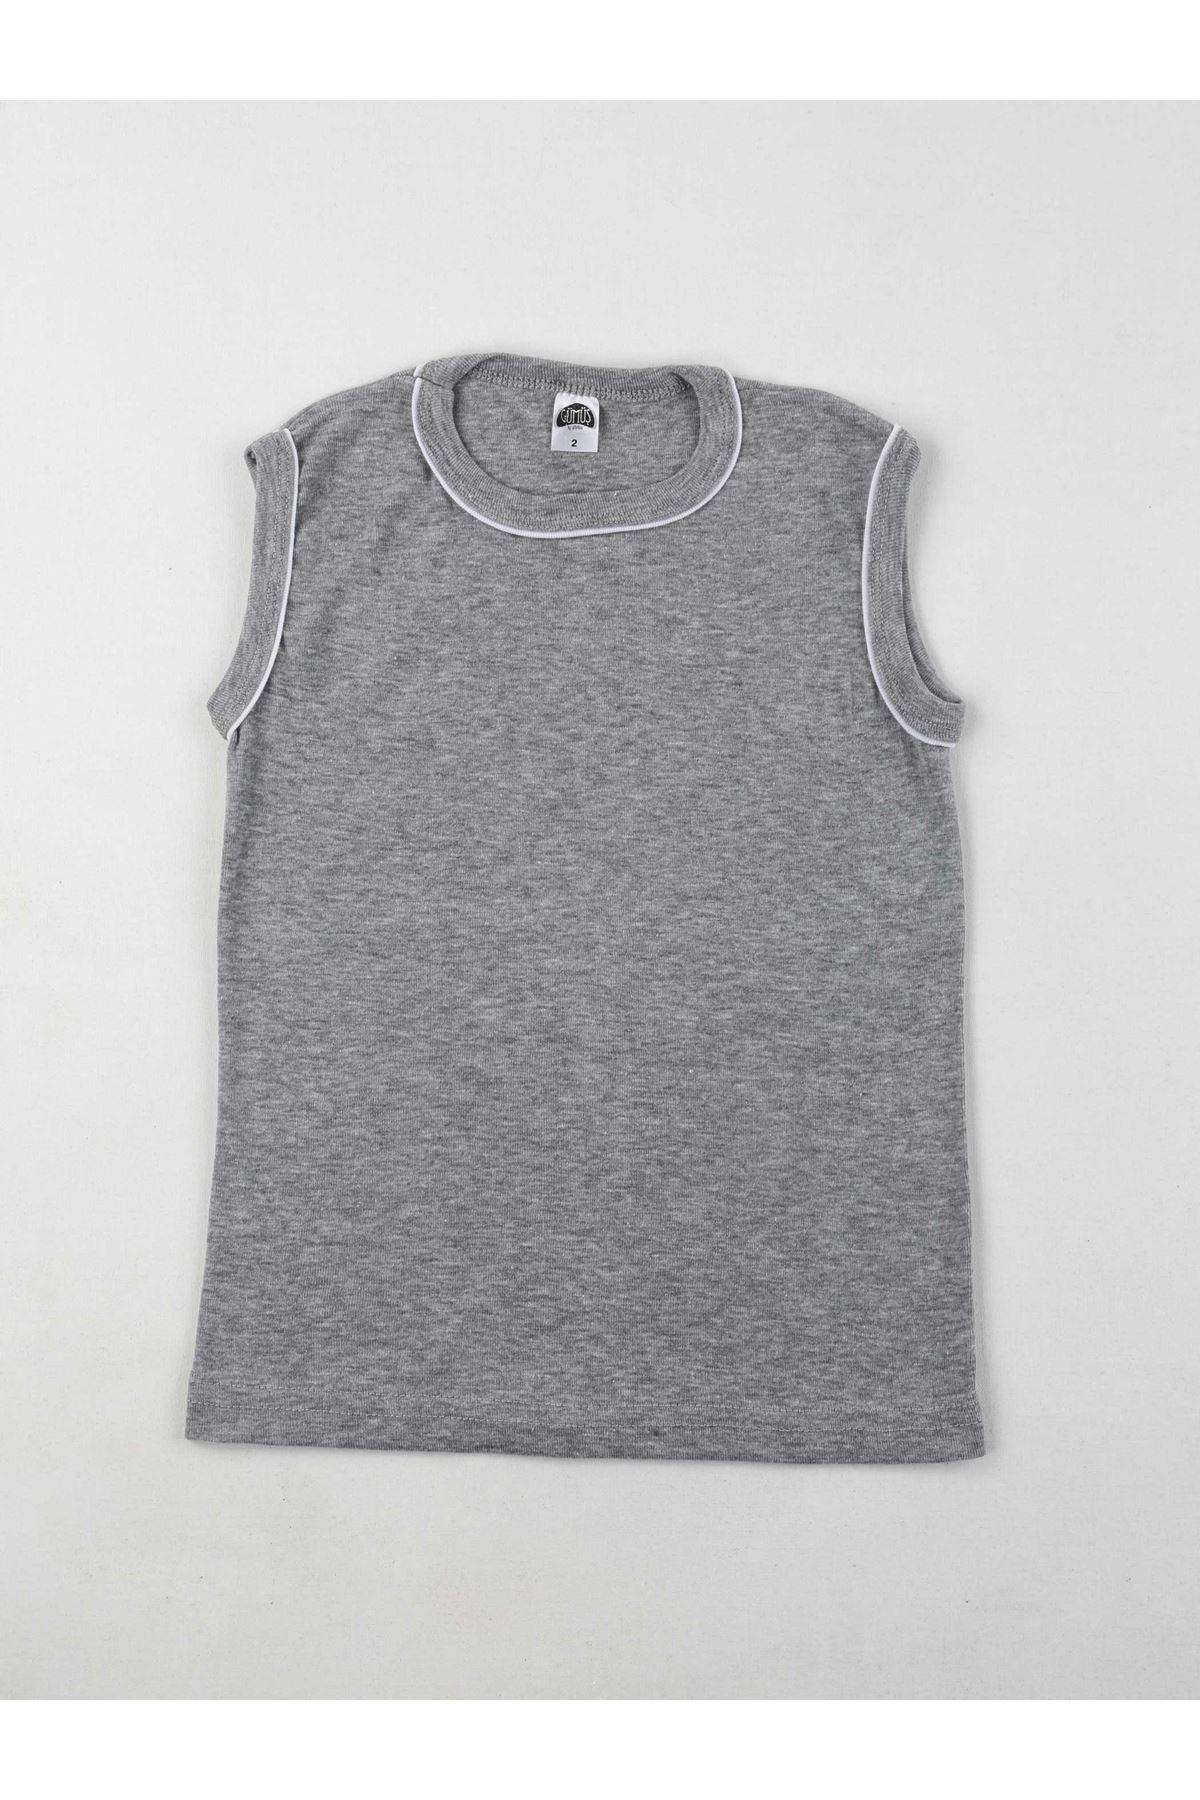 Gümüş İç Giyim Erkek Çocuk Gri Spor Fanila